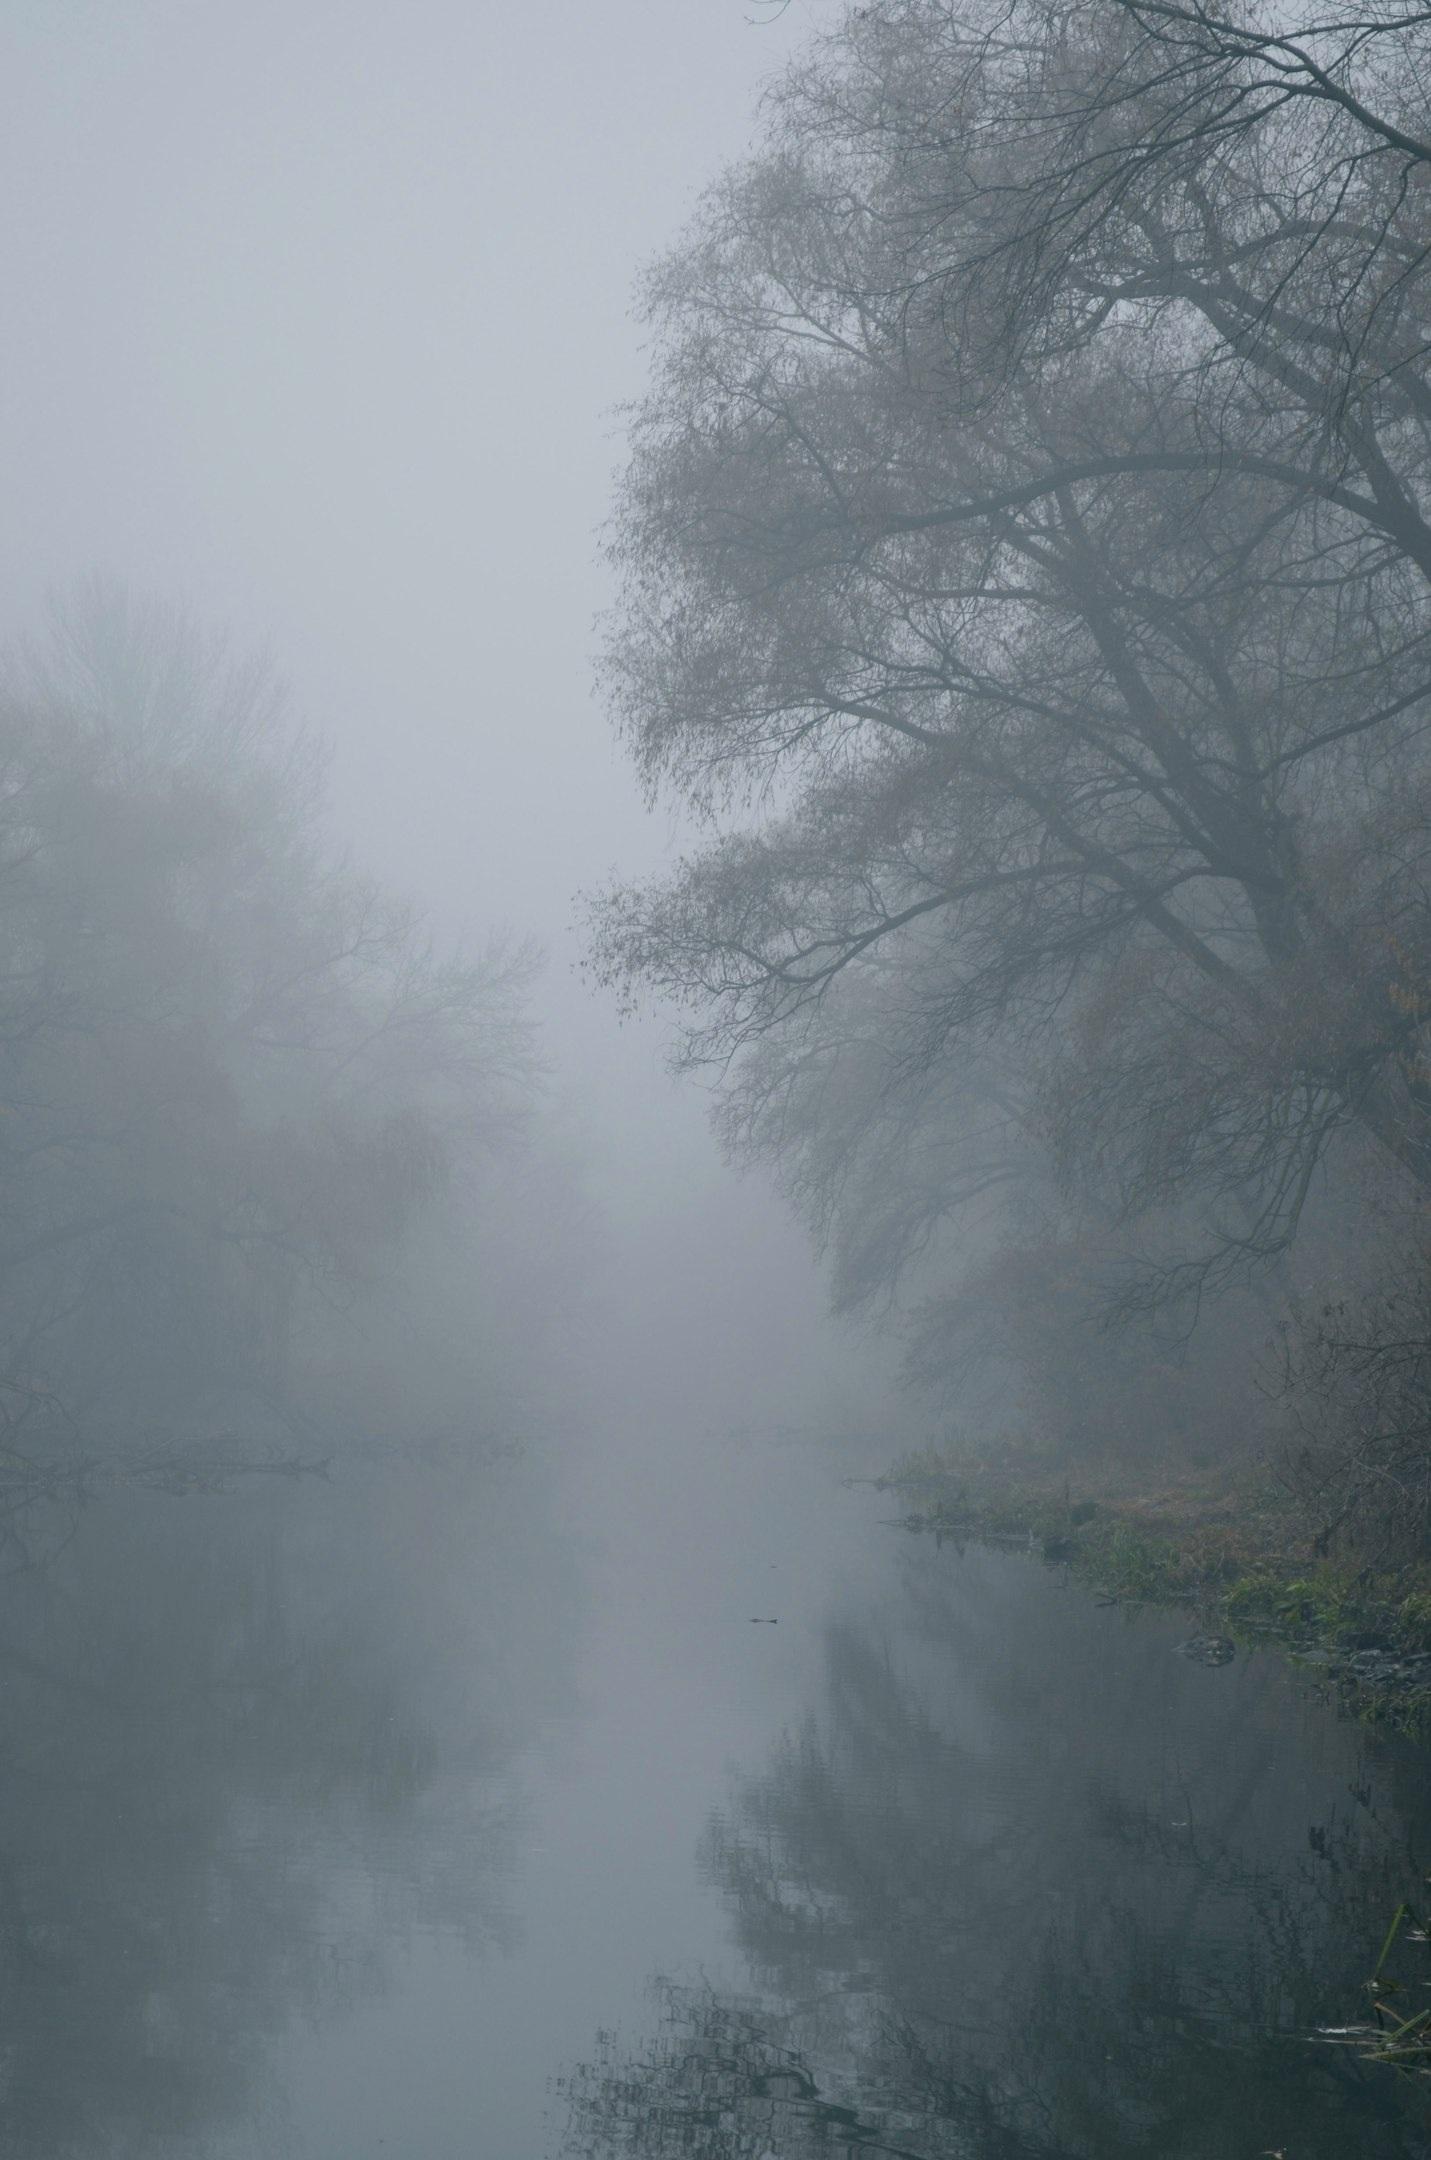 этих картинки иллюстрации туман само слово